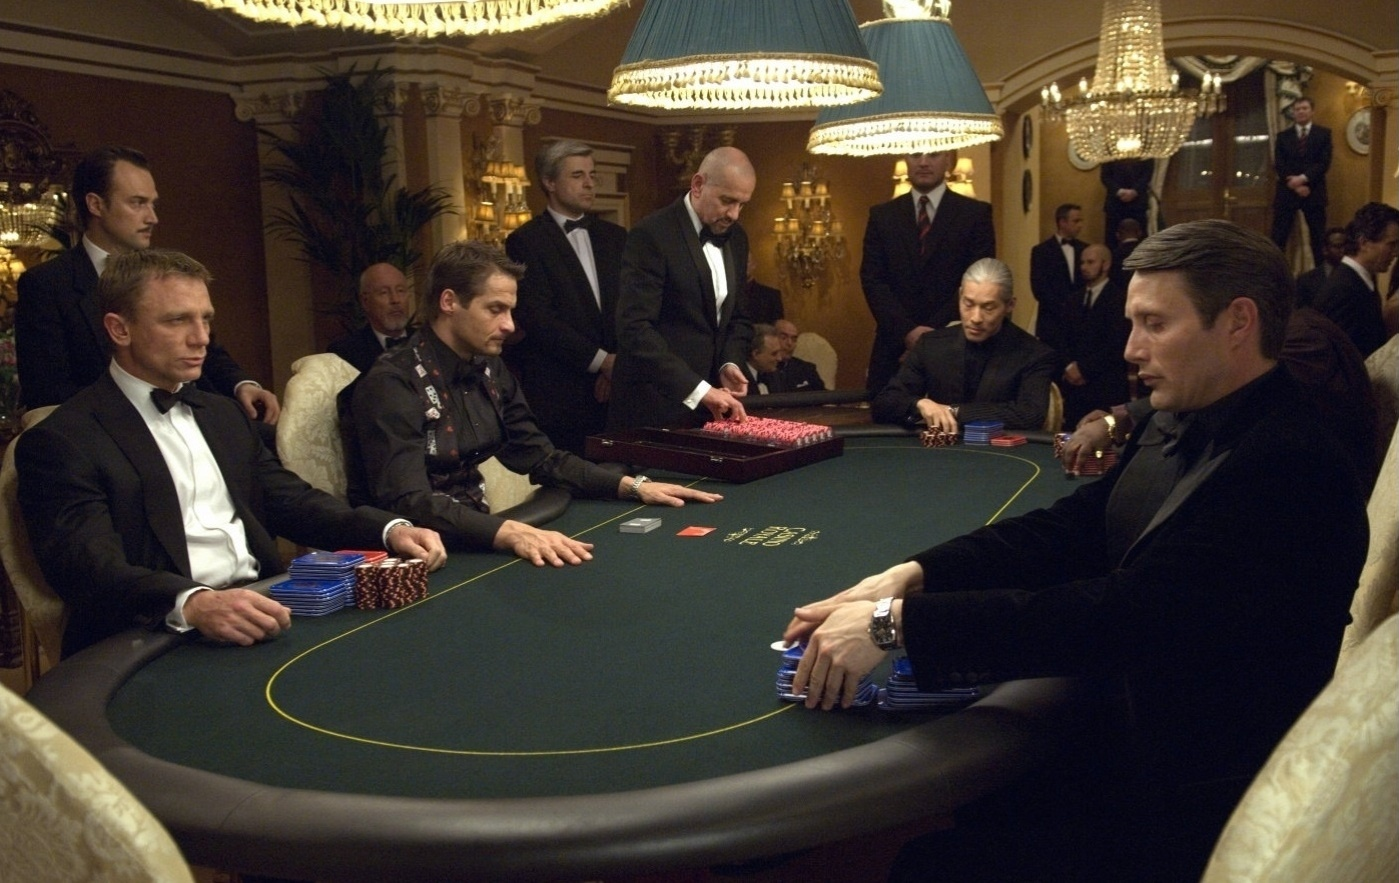 https://cinemaplanet.pt/wp-content/uploads/2017/12/Daniel-Craig-Poker.jpg